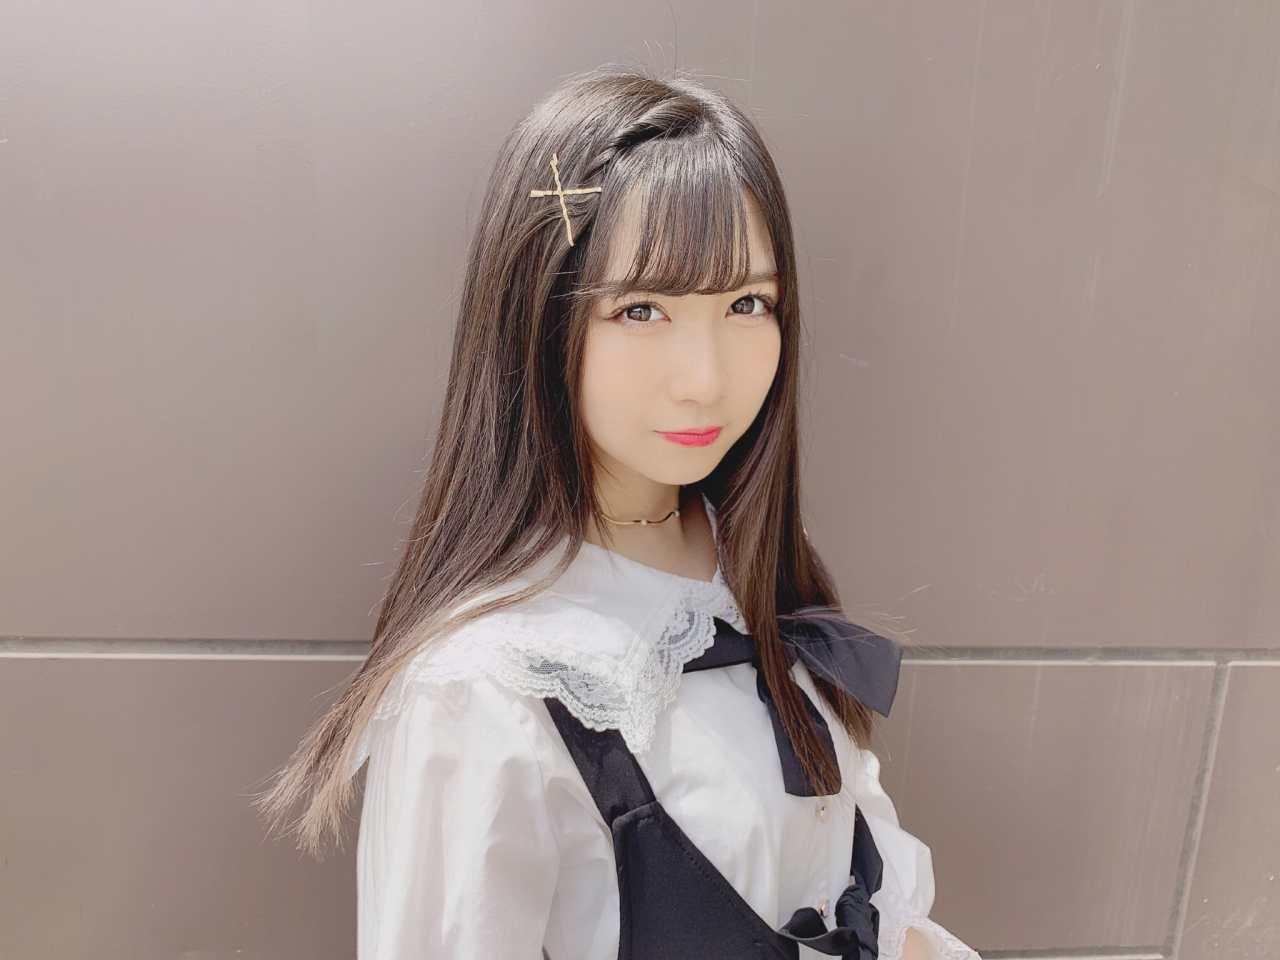 2006 【ロリJD】太田彩夏の巨乳おっぱいが成長しすぎた結果ww【即ぬきエロ画像まとめ完全版】 似てるAV女優 激似 そっくり